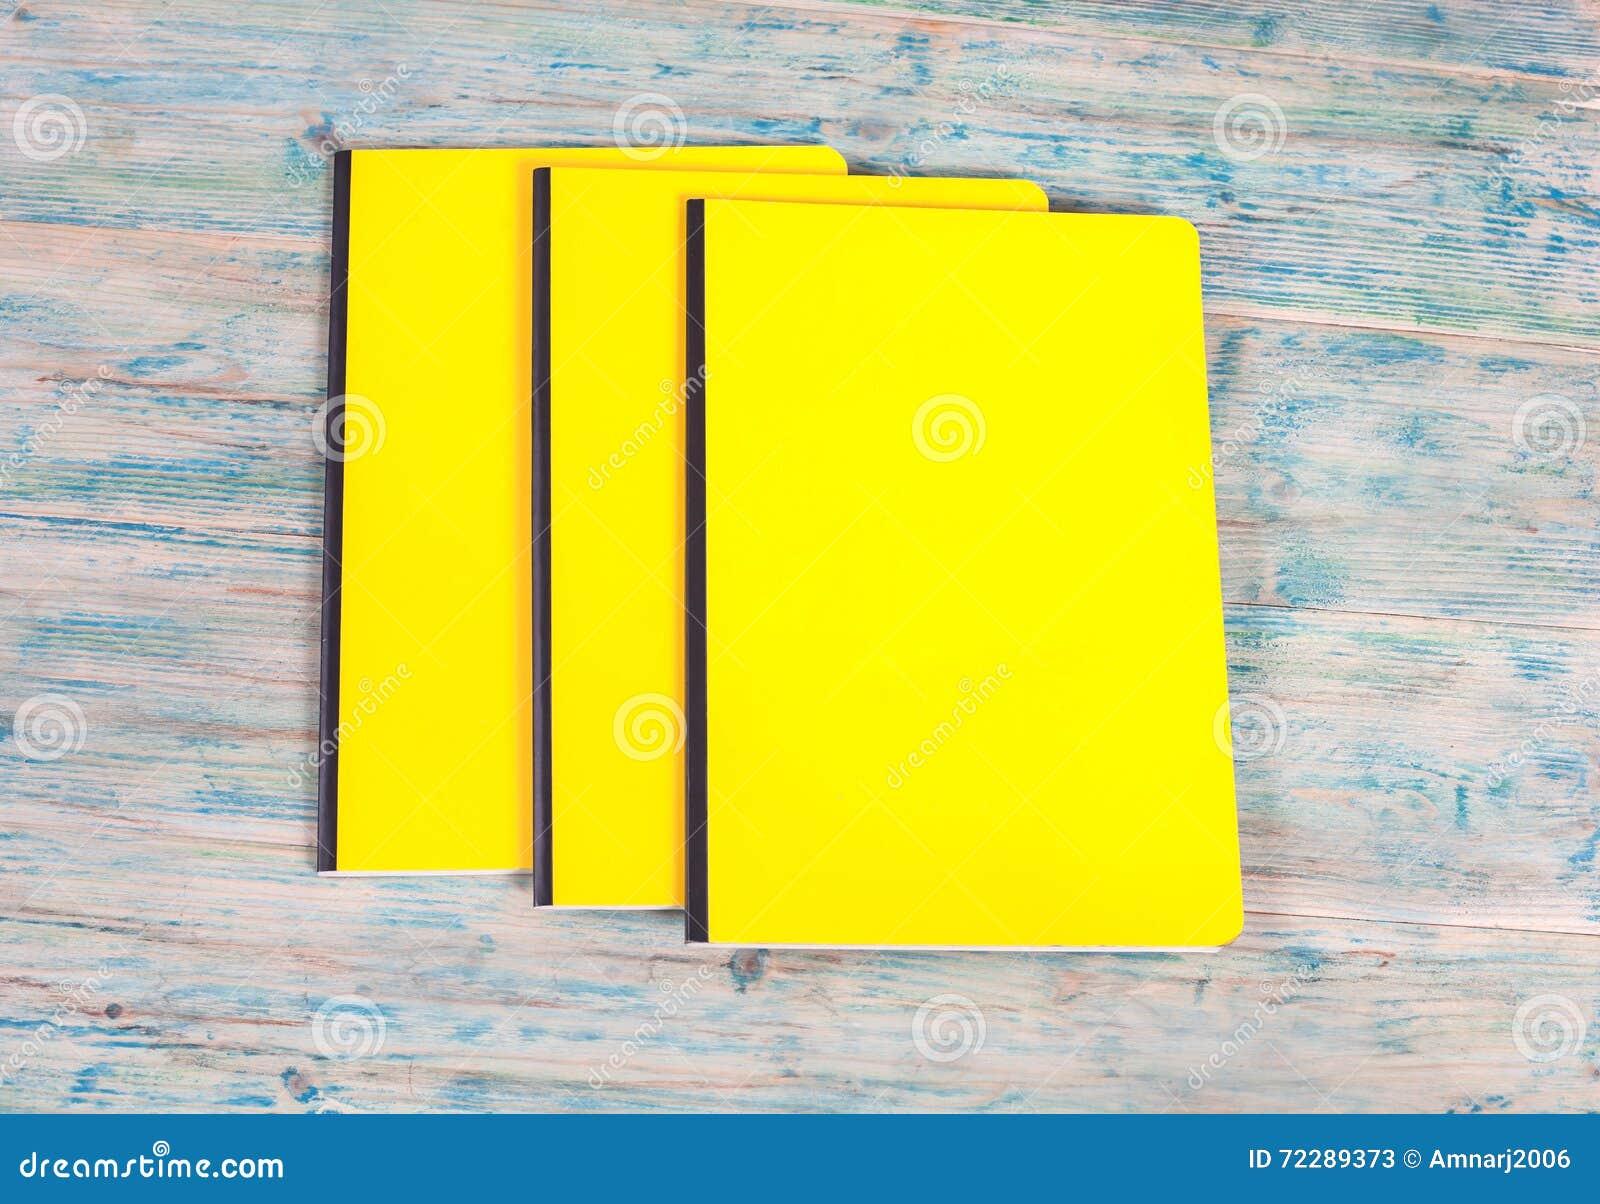 Download Книга пустой крышки на древесине Стоковое Изображение - изображение насчитывающей стог, открыто: 72289373